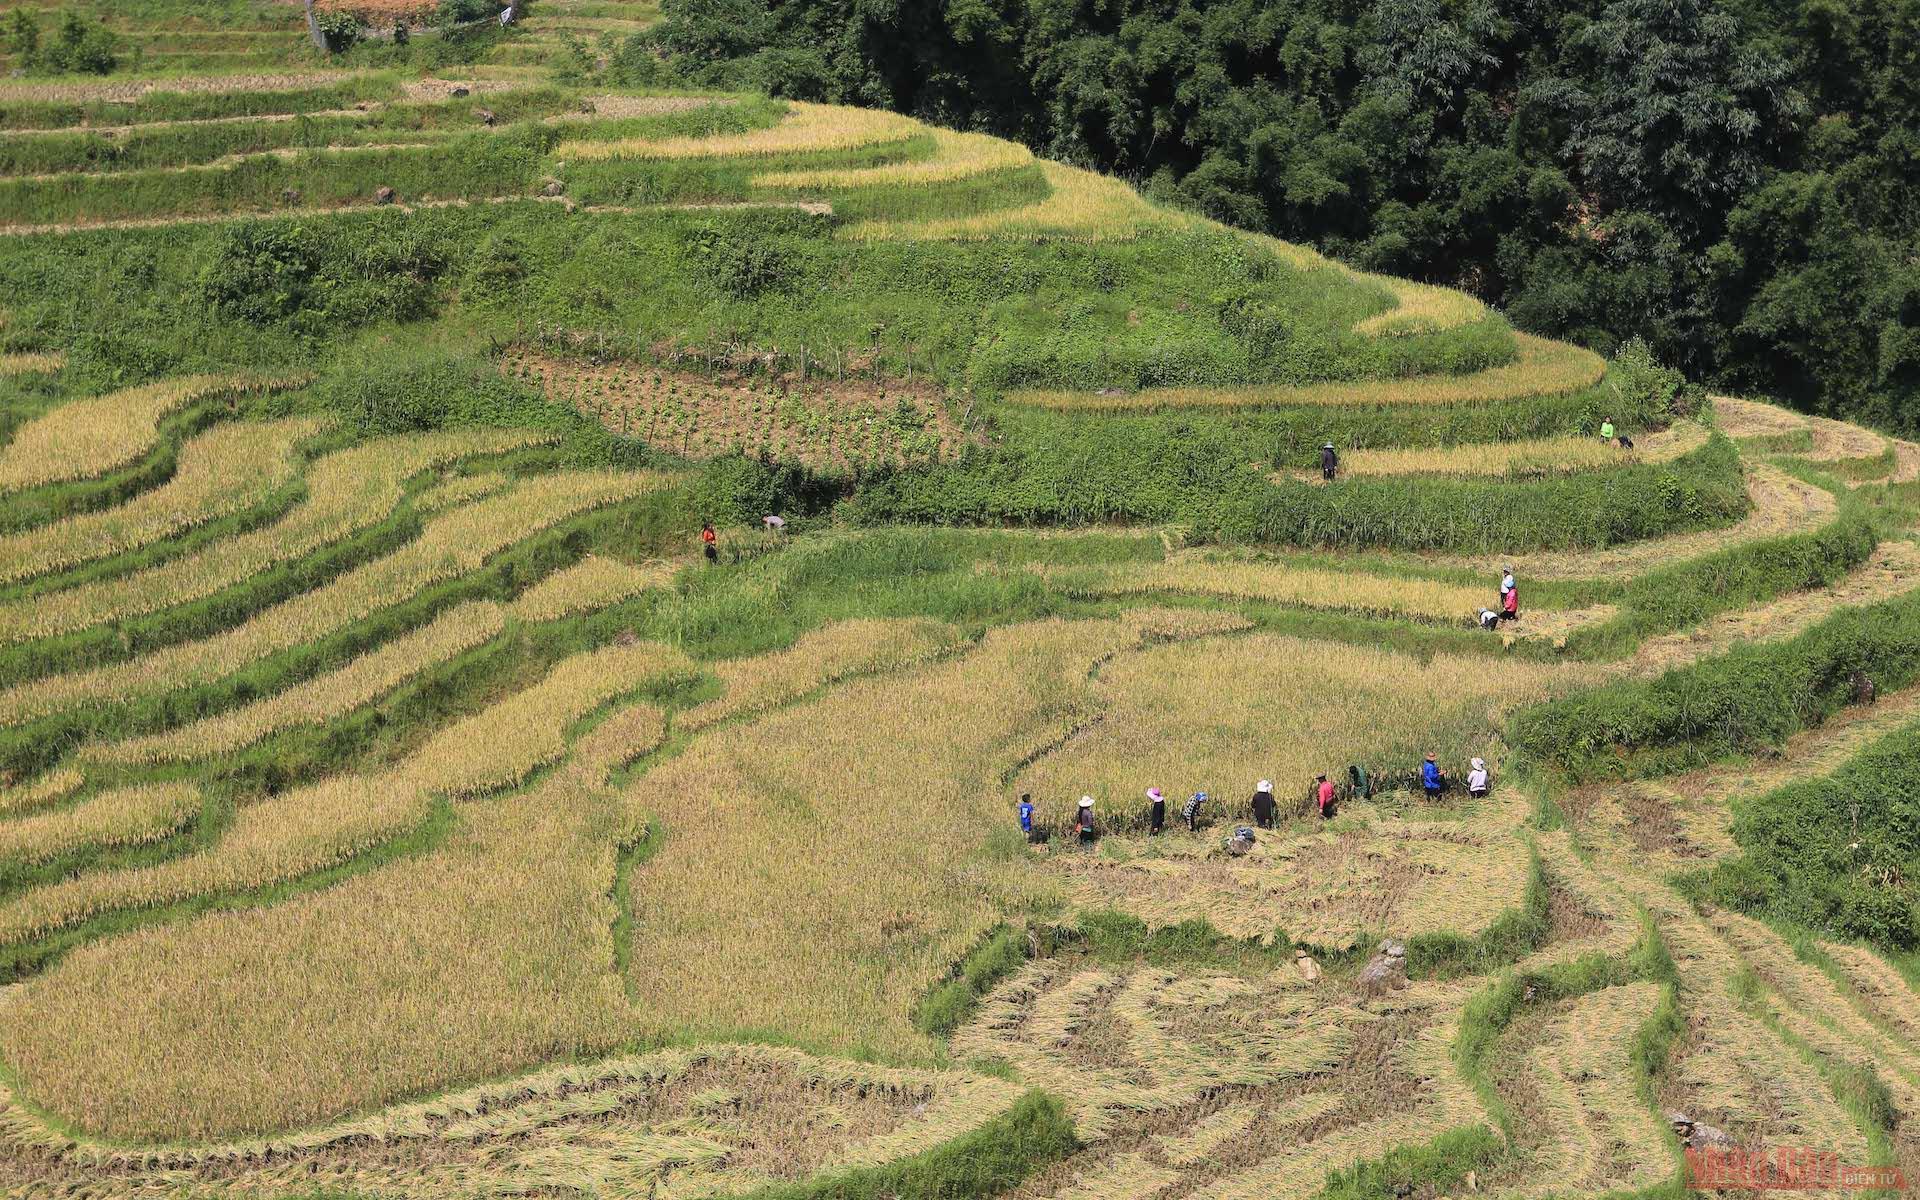 Người dân Lao chải đang gặt lúa trên đường từ Ý Linh Hồ về Lao Chải.